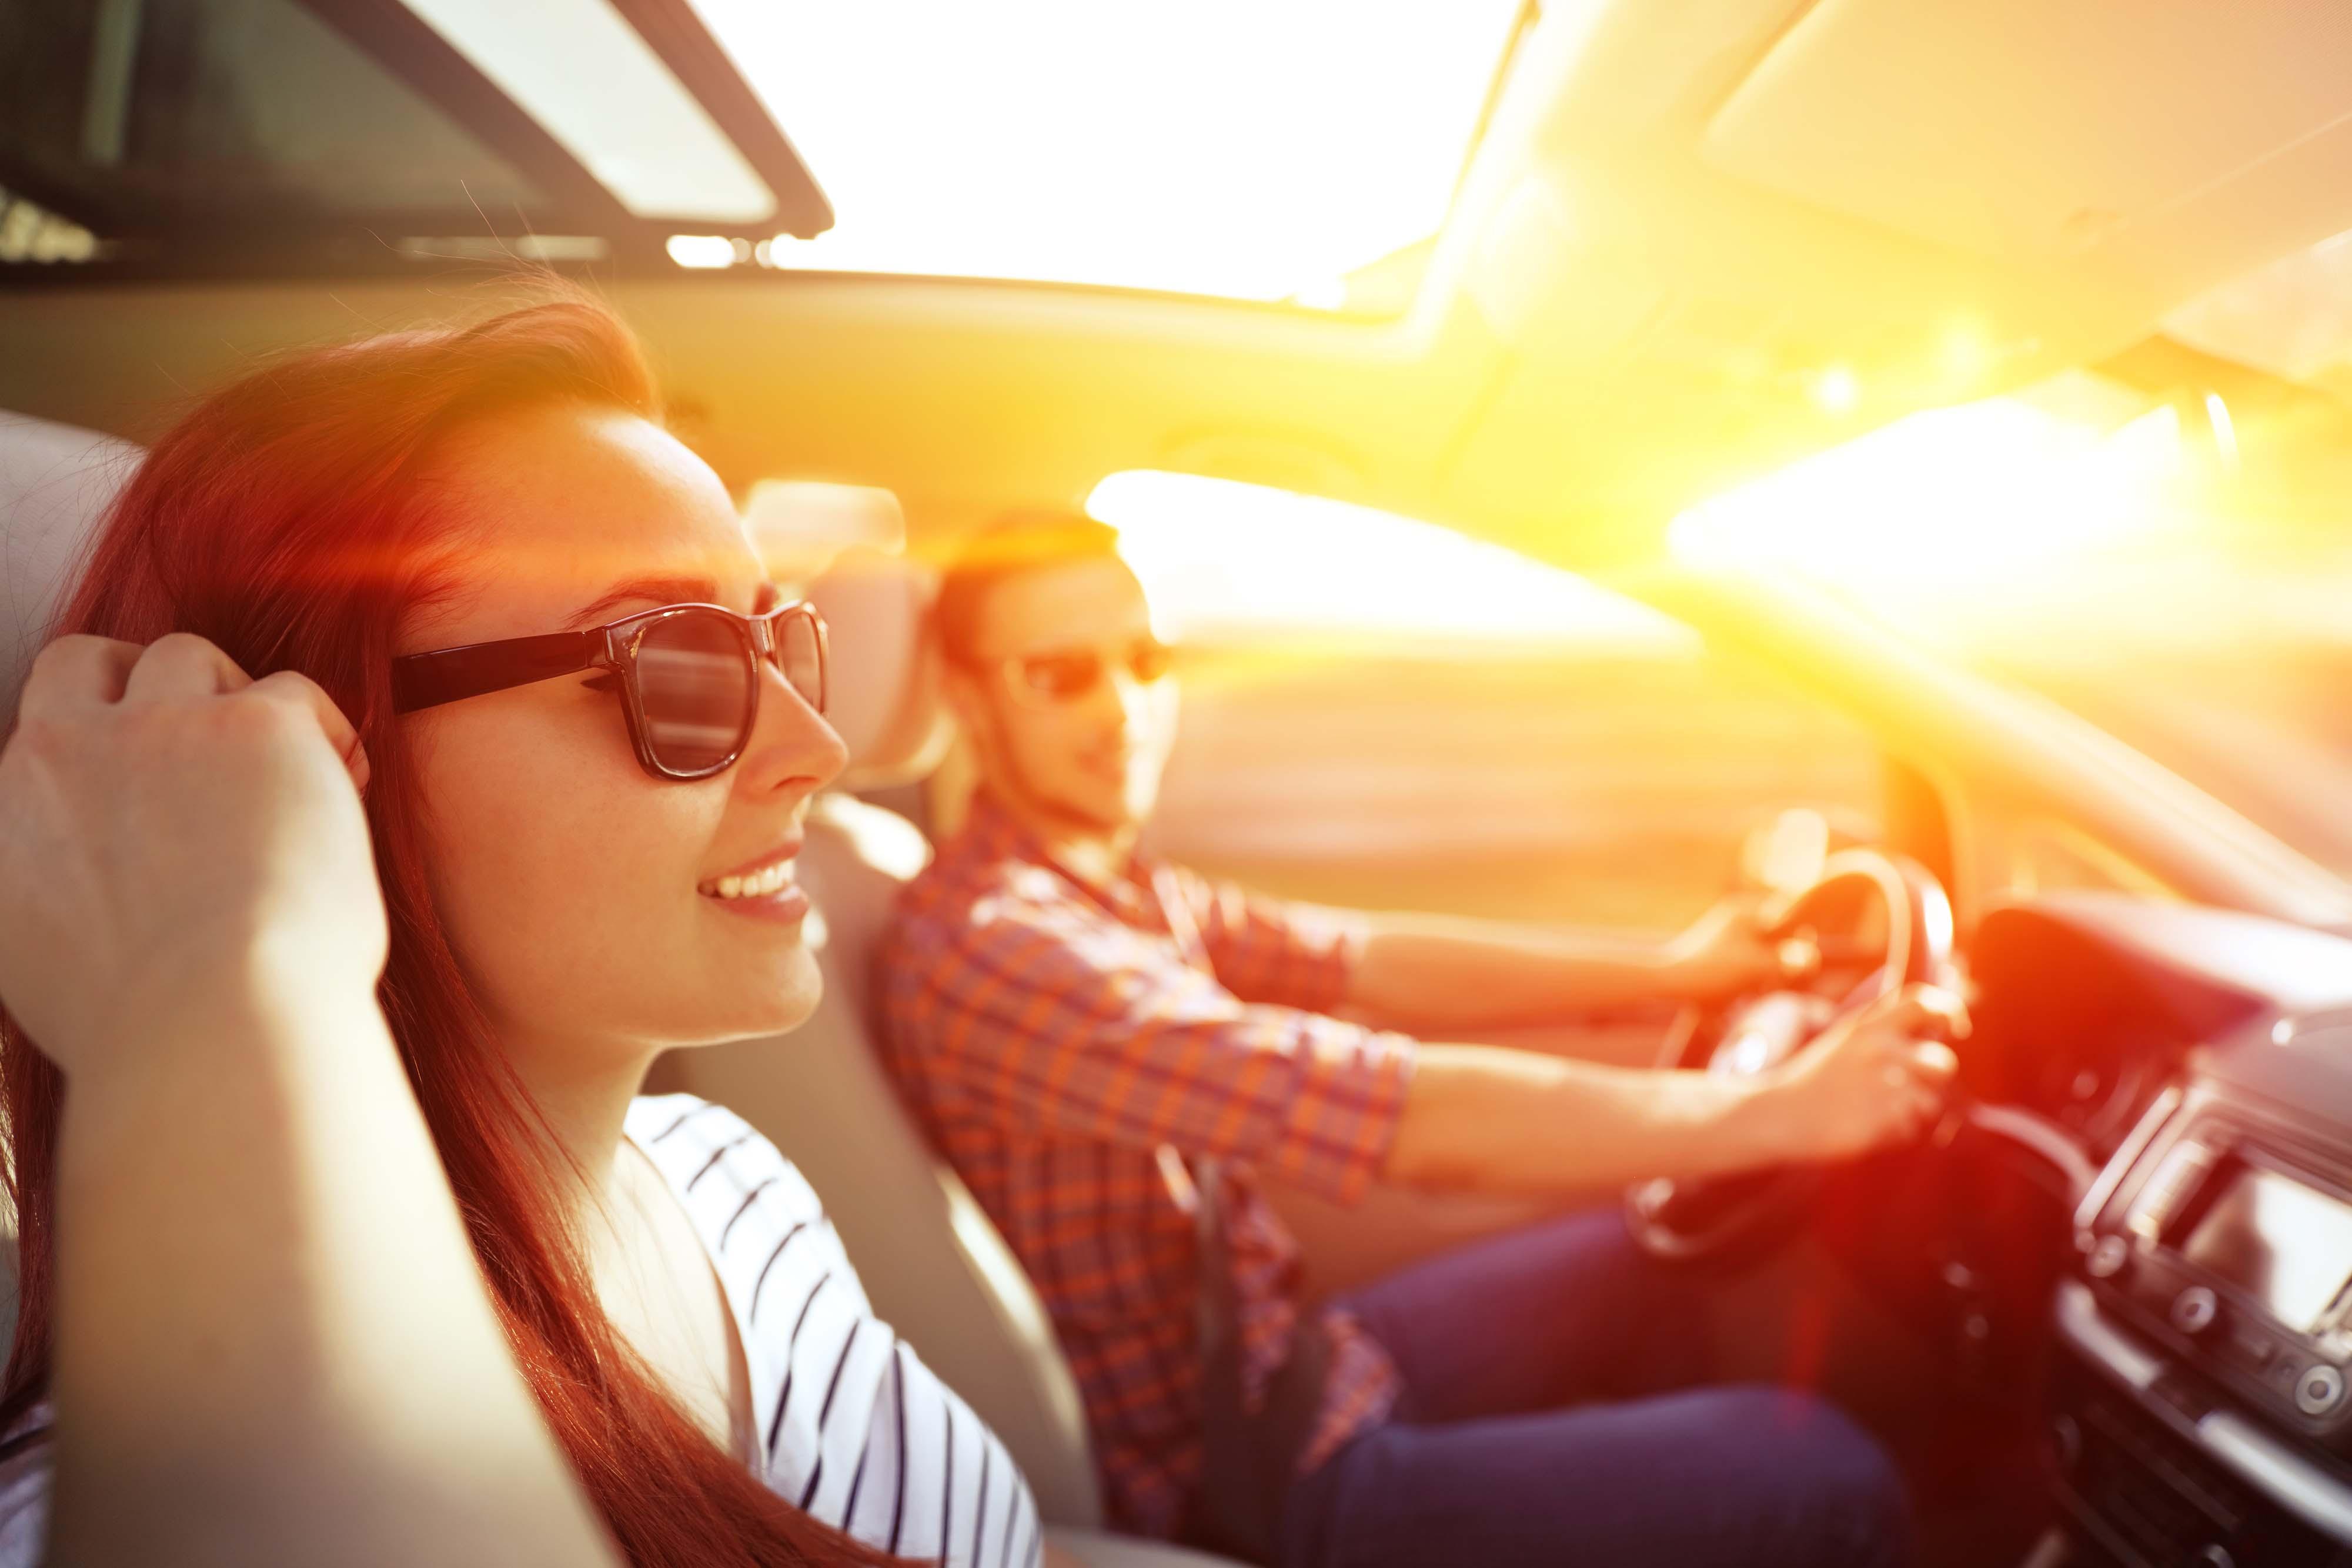 ผลการค้นหารูปภาพสำหรับ Driving in the summer